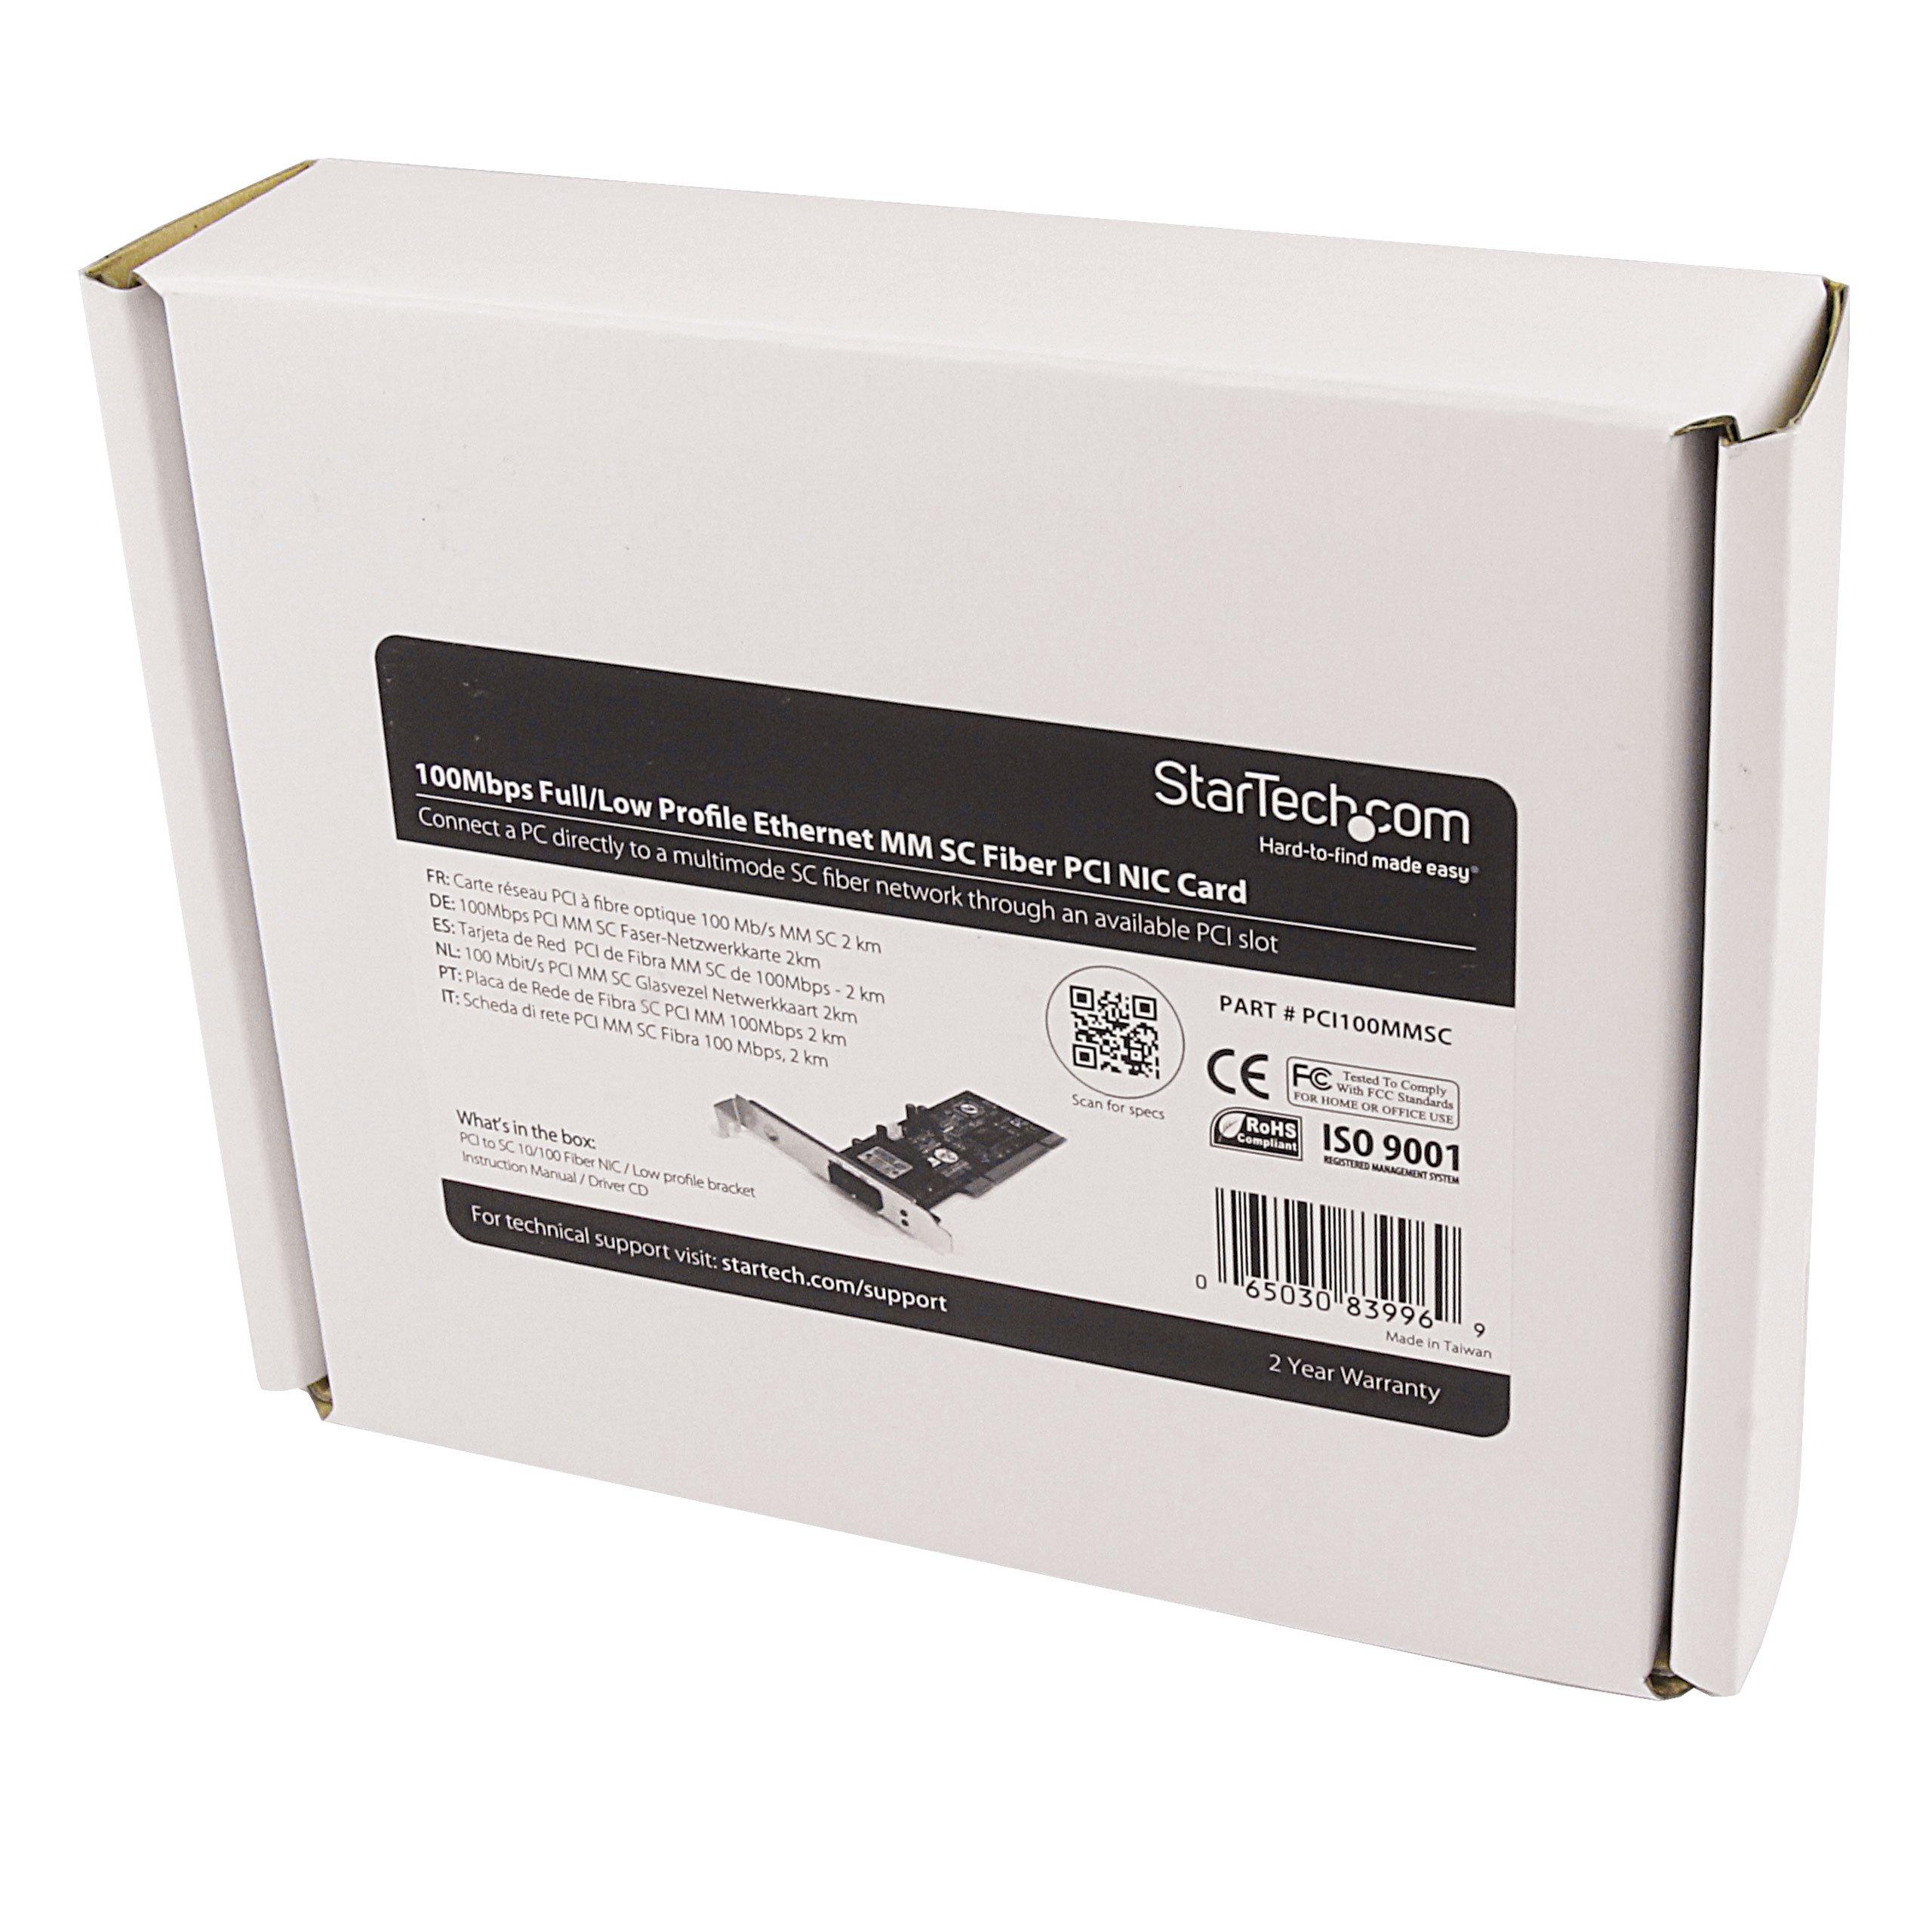 StarTech.com 100Mbps Full/Low Profile Ethernet Multi Mode SC Fiber PCI NIC Card - 2 KM (PCI100MMSC)